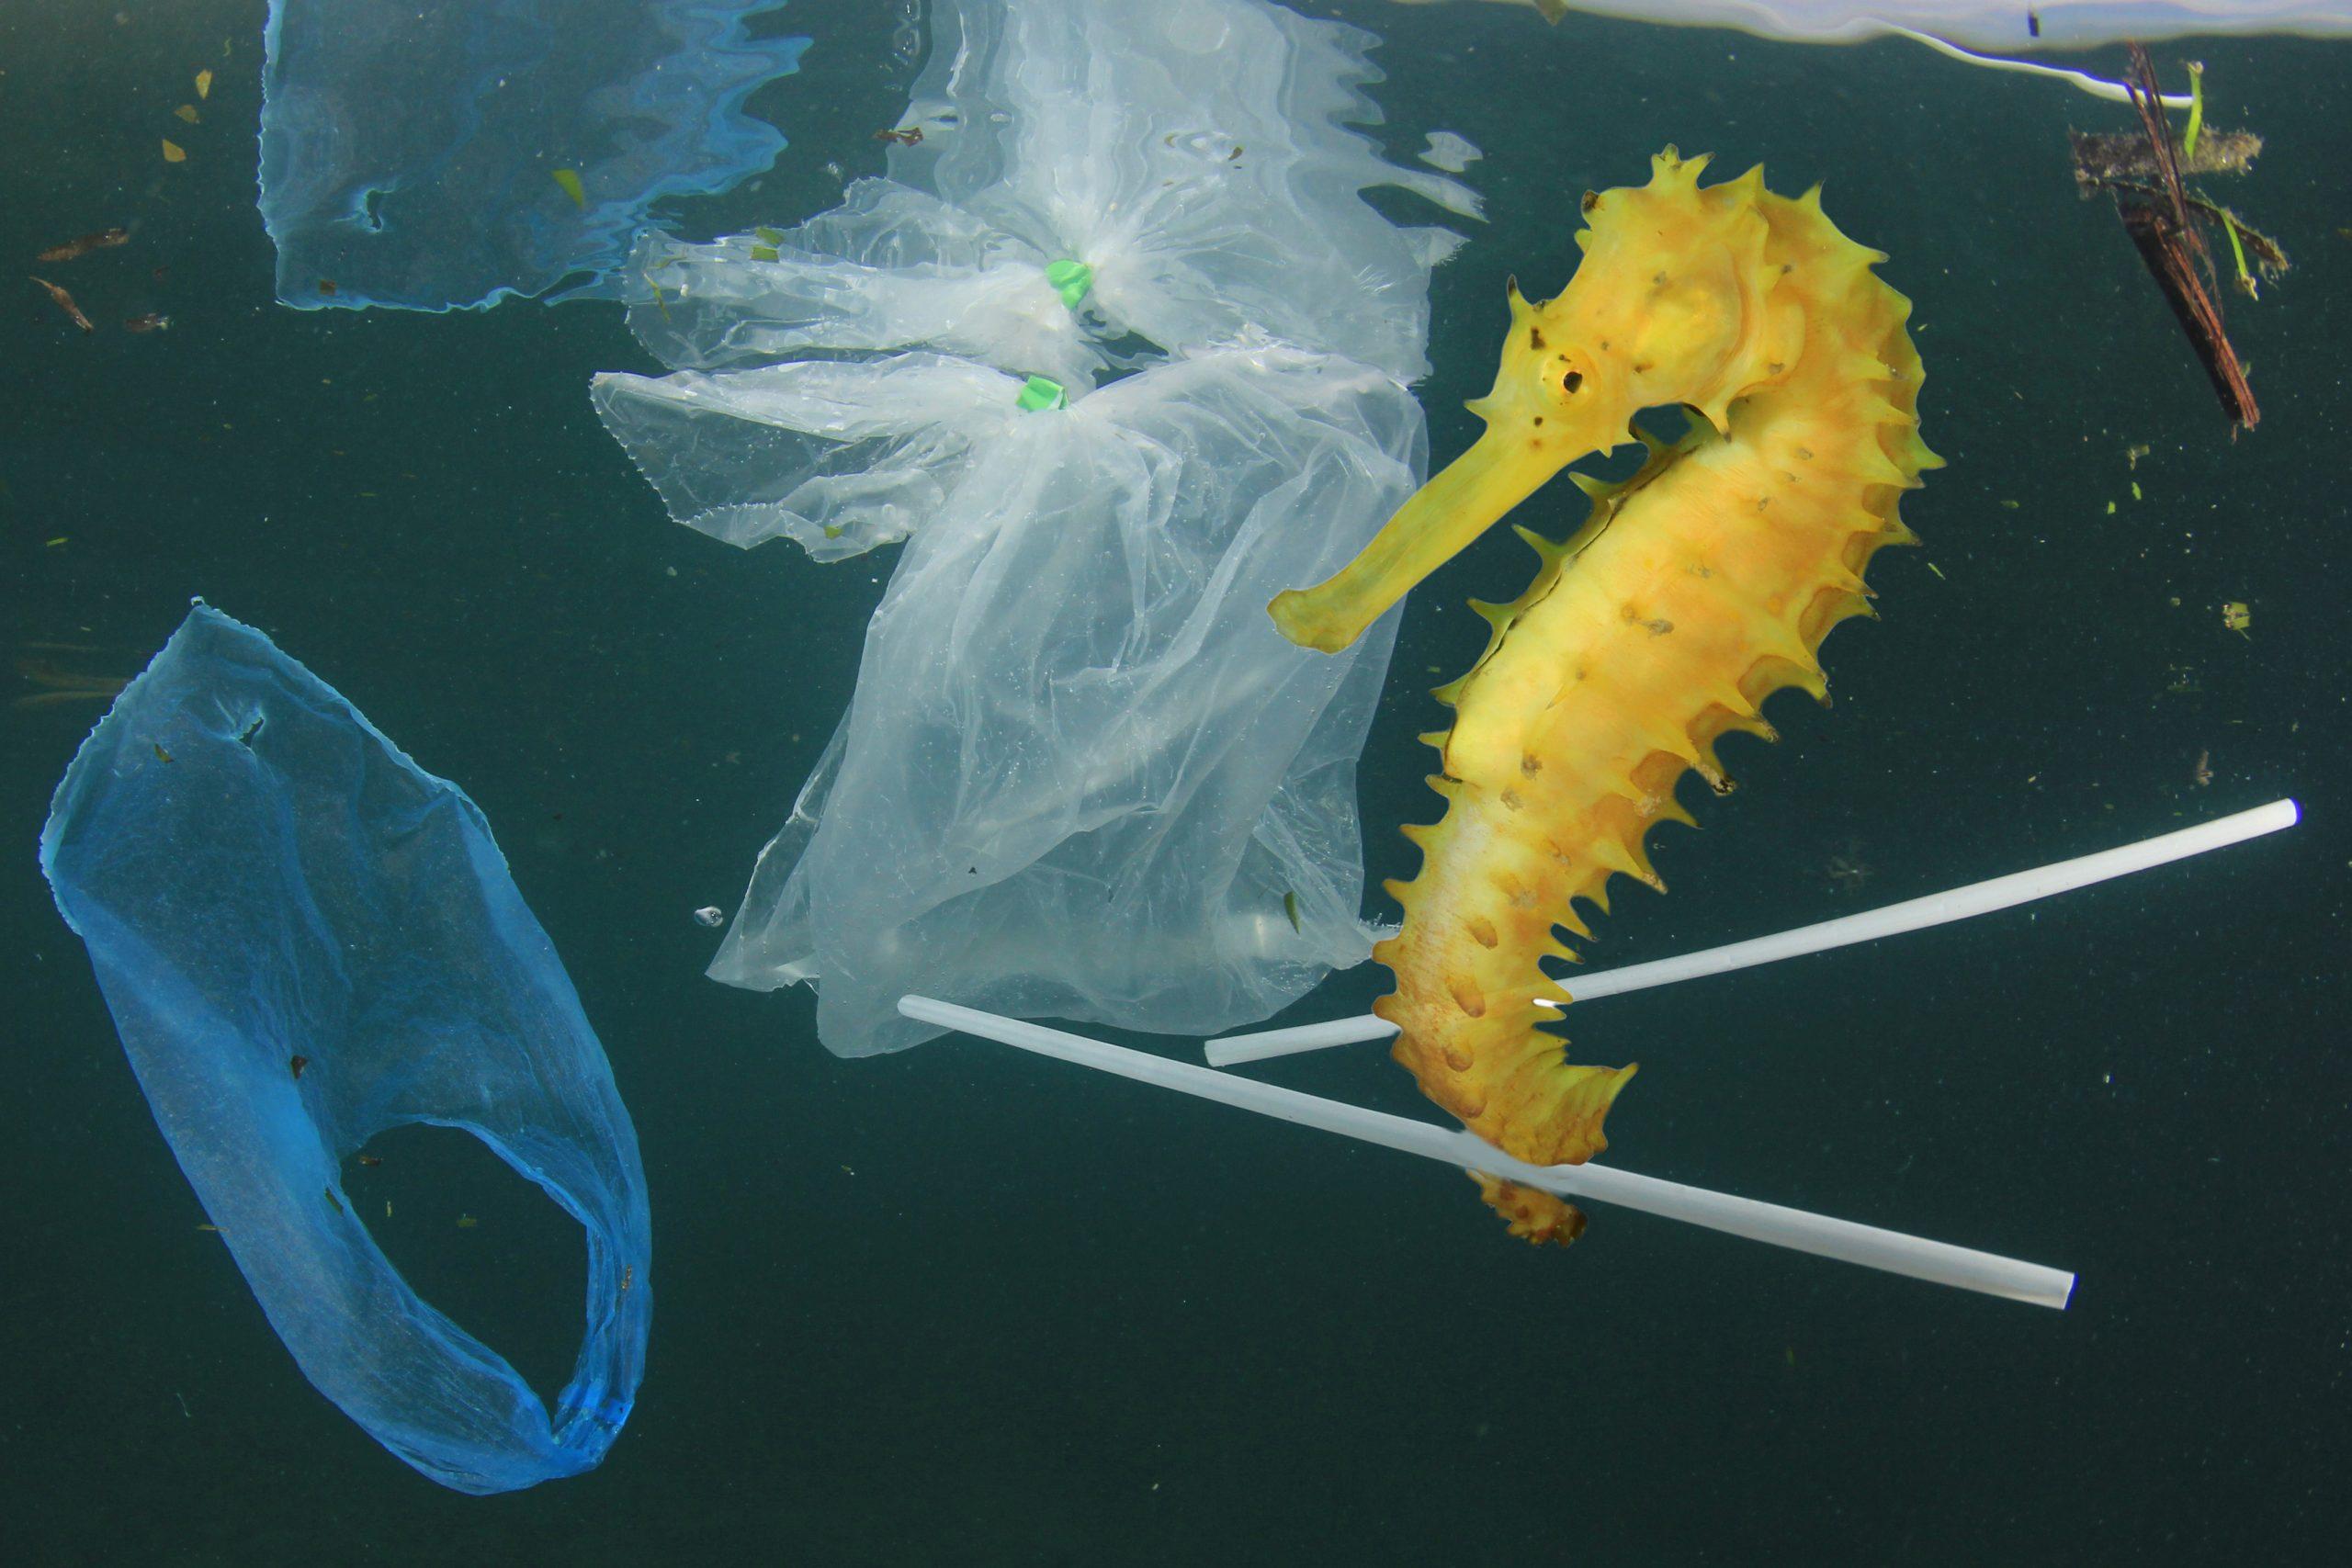 Seepferdchen im Wasser, das einen Plastikhalm umklammert und umgeben ist von Plastikfolien und anderem Müll